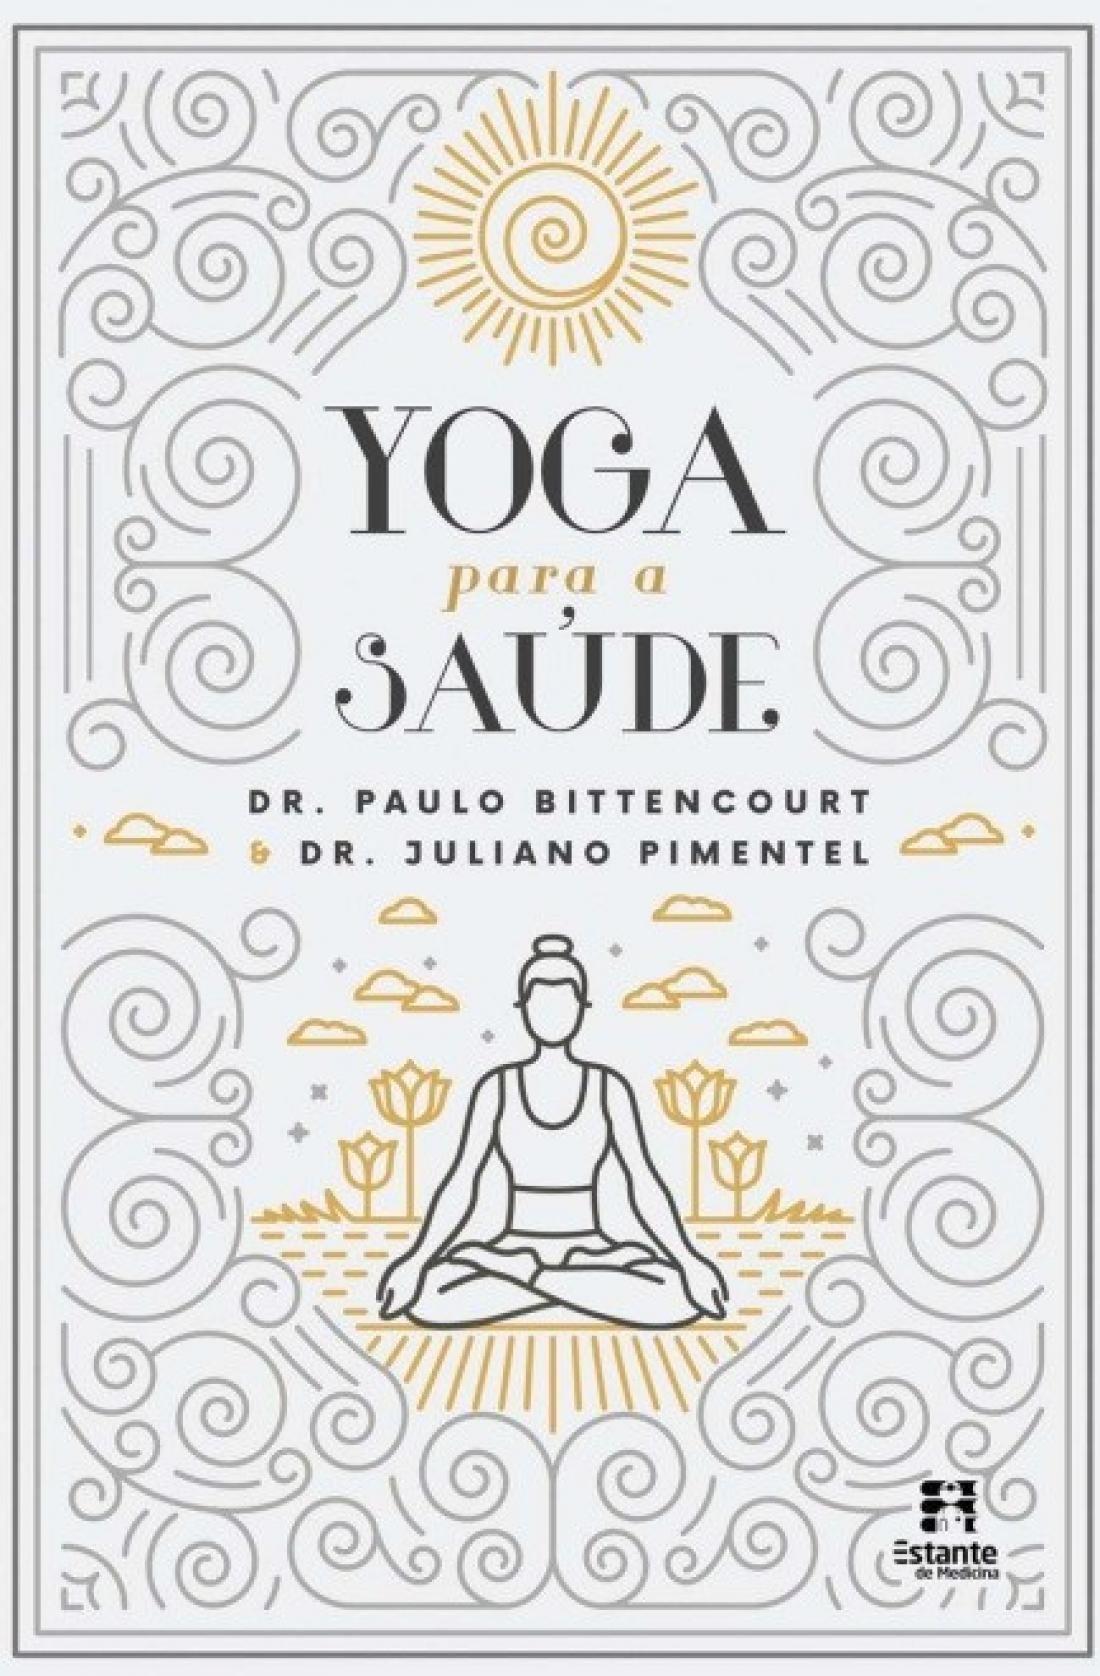 Amazon.com: Yoga Para a Saude (9788542810004): Dr. Paulo ...